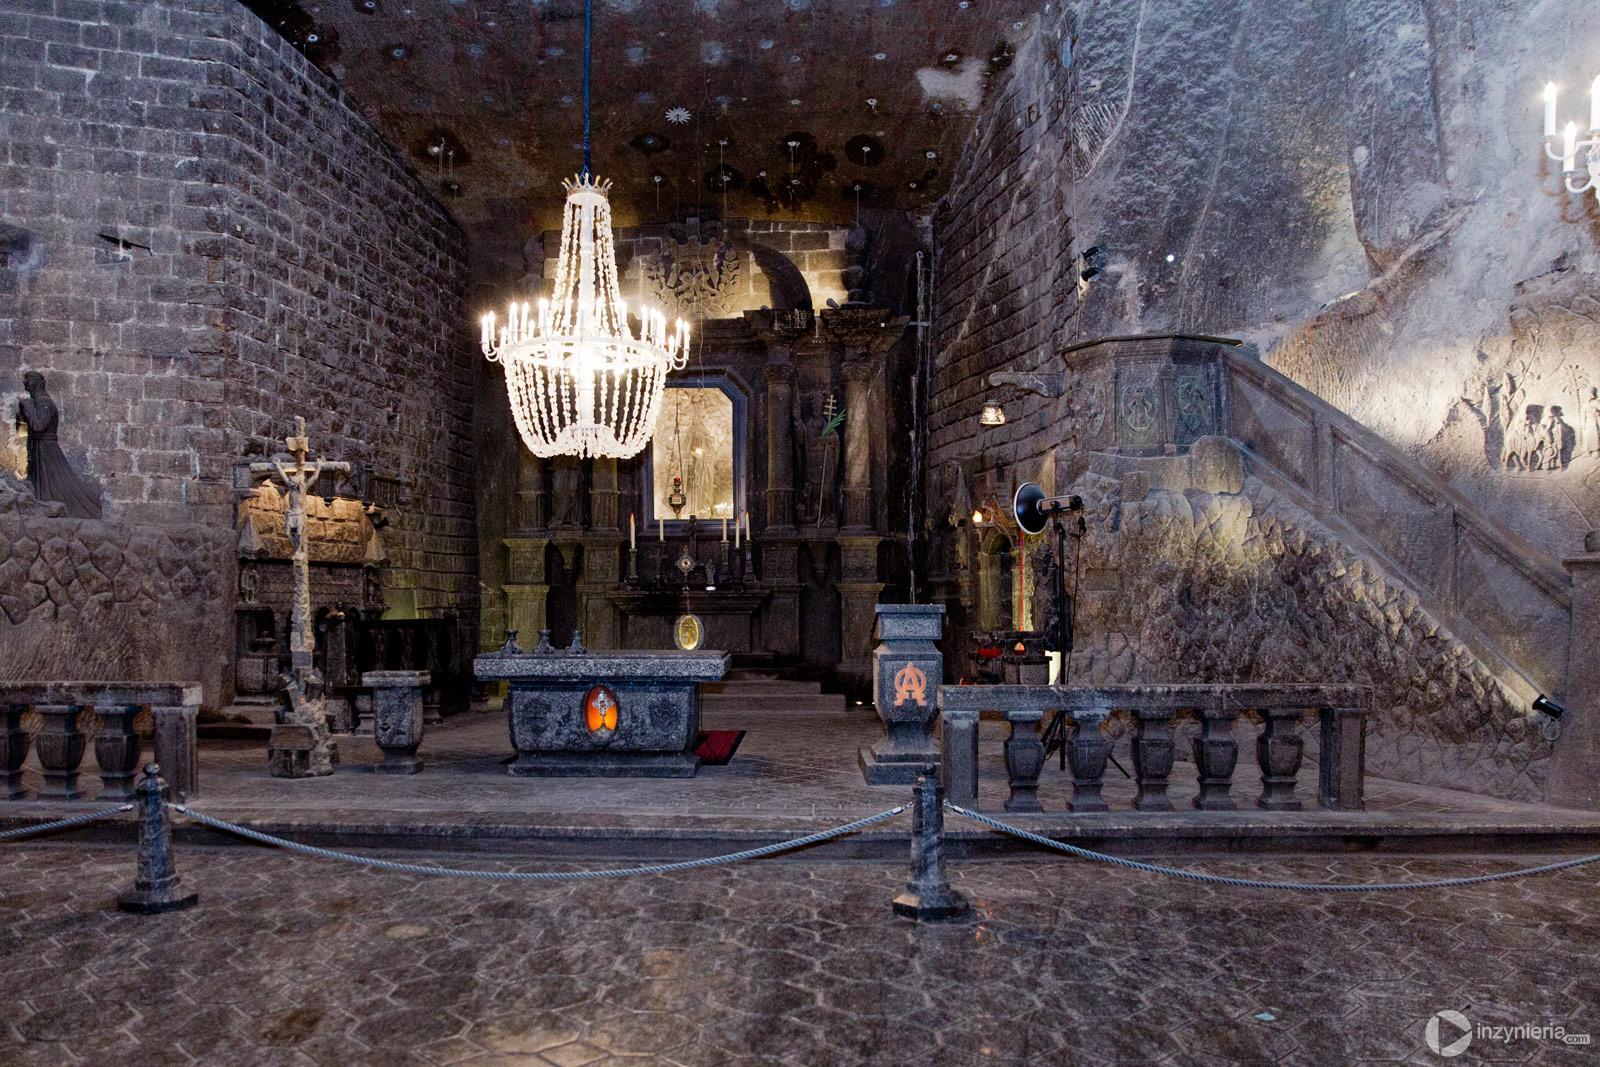 Wycieczka po kopalni  soli w Wieliczce / fot. <a href=&quot;http://www.quality-studio.com&quot; target=&quot;_blank&quot;>Quality Studio</a> dla www.inzynieria.com